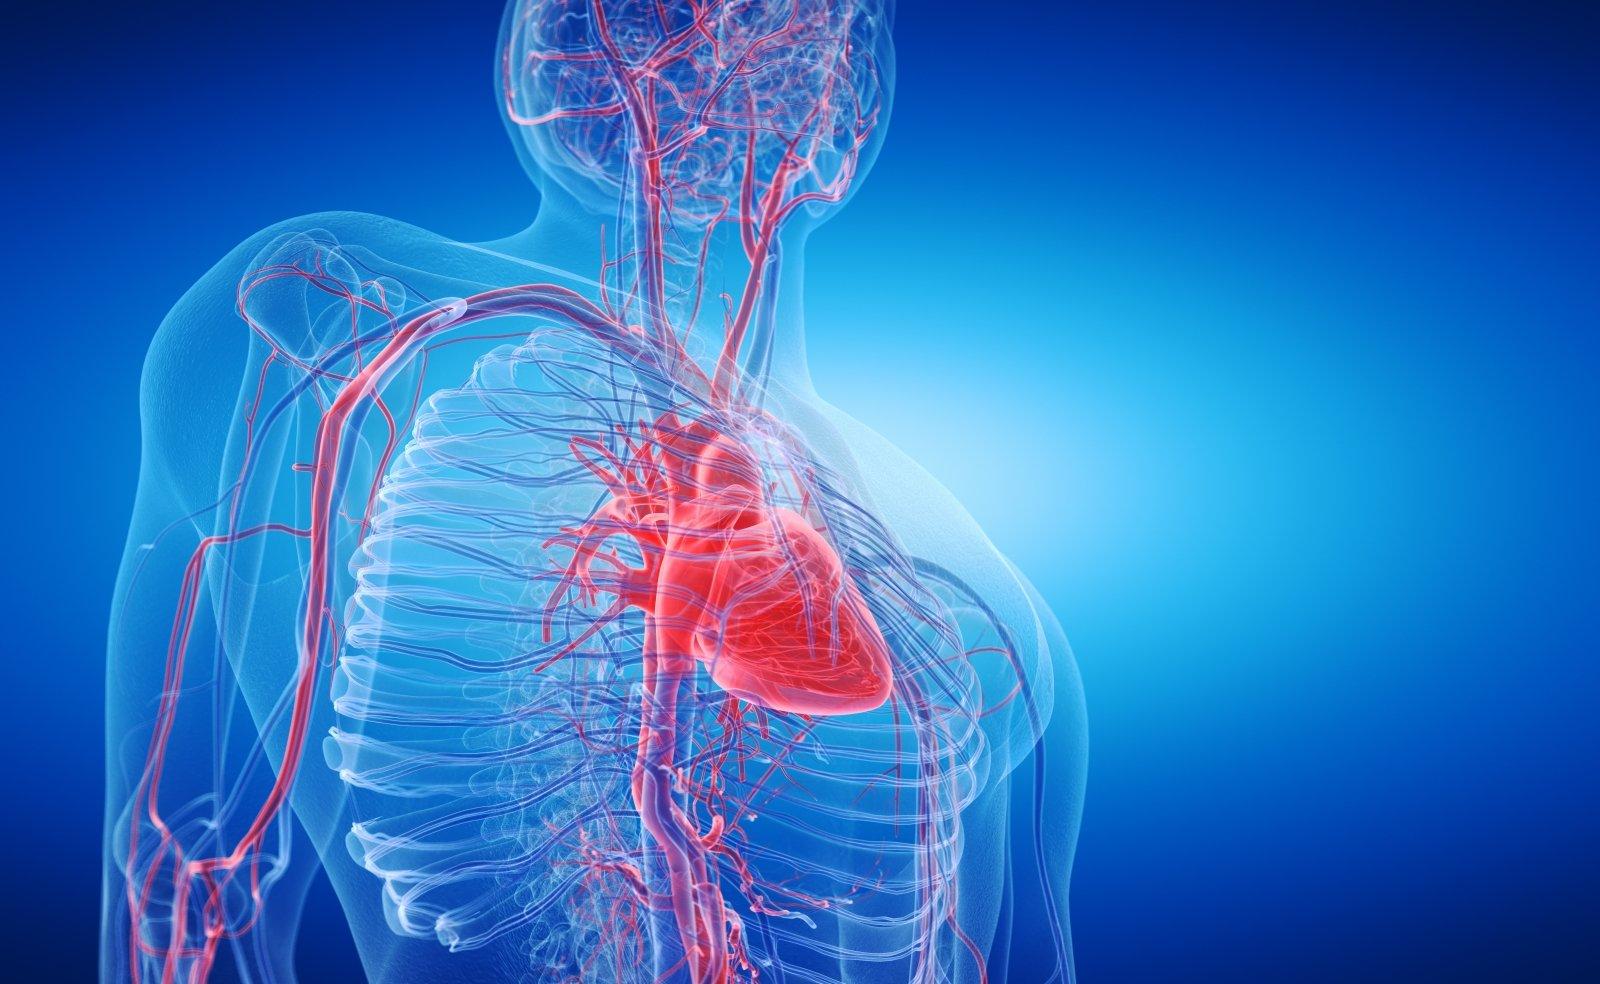 širdies sveikatos dienoraštis viskas apie hipertenziją, jos laipsnį ir riziką